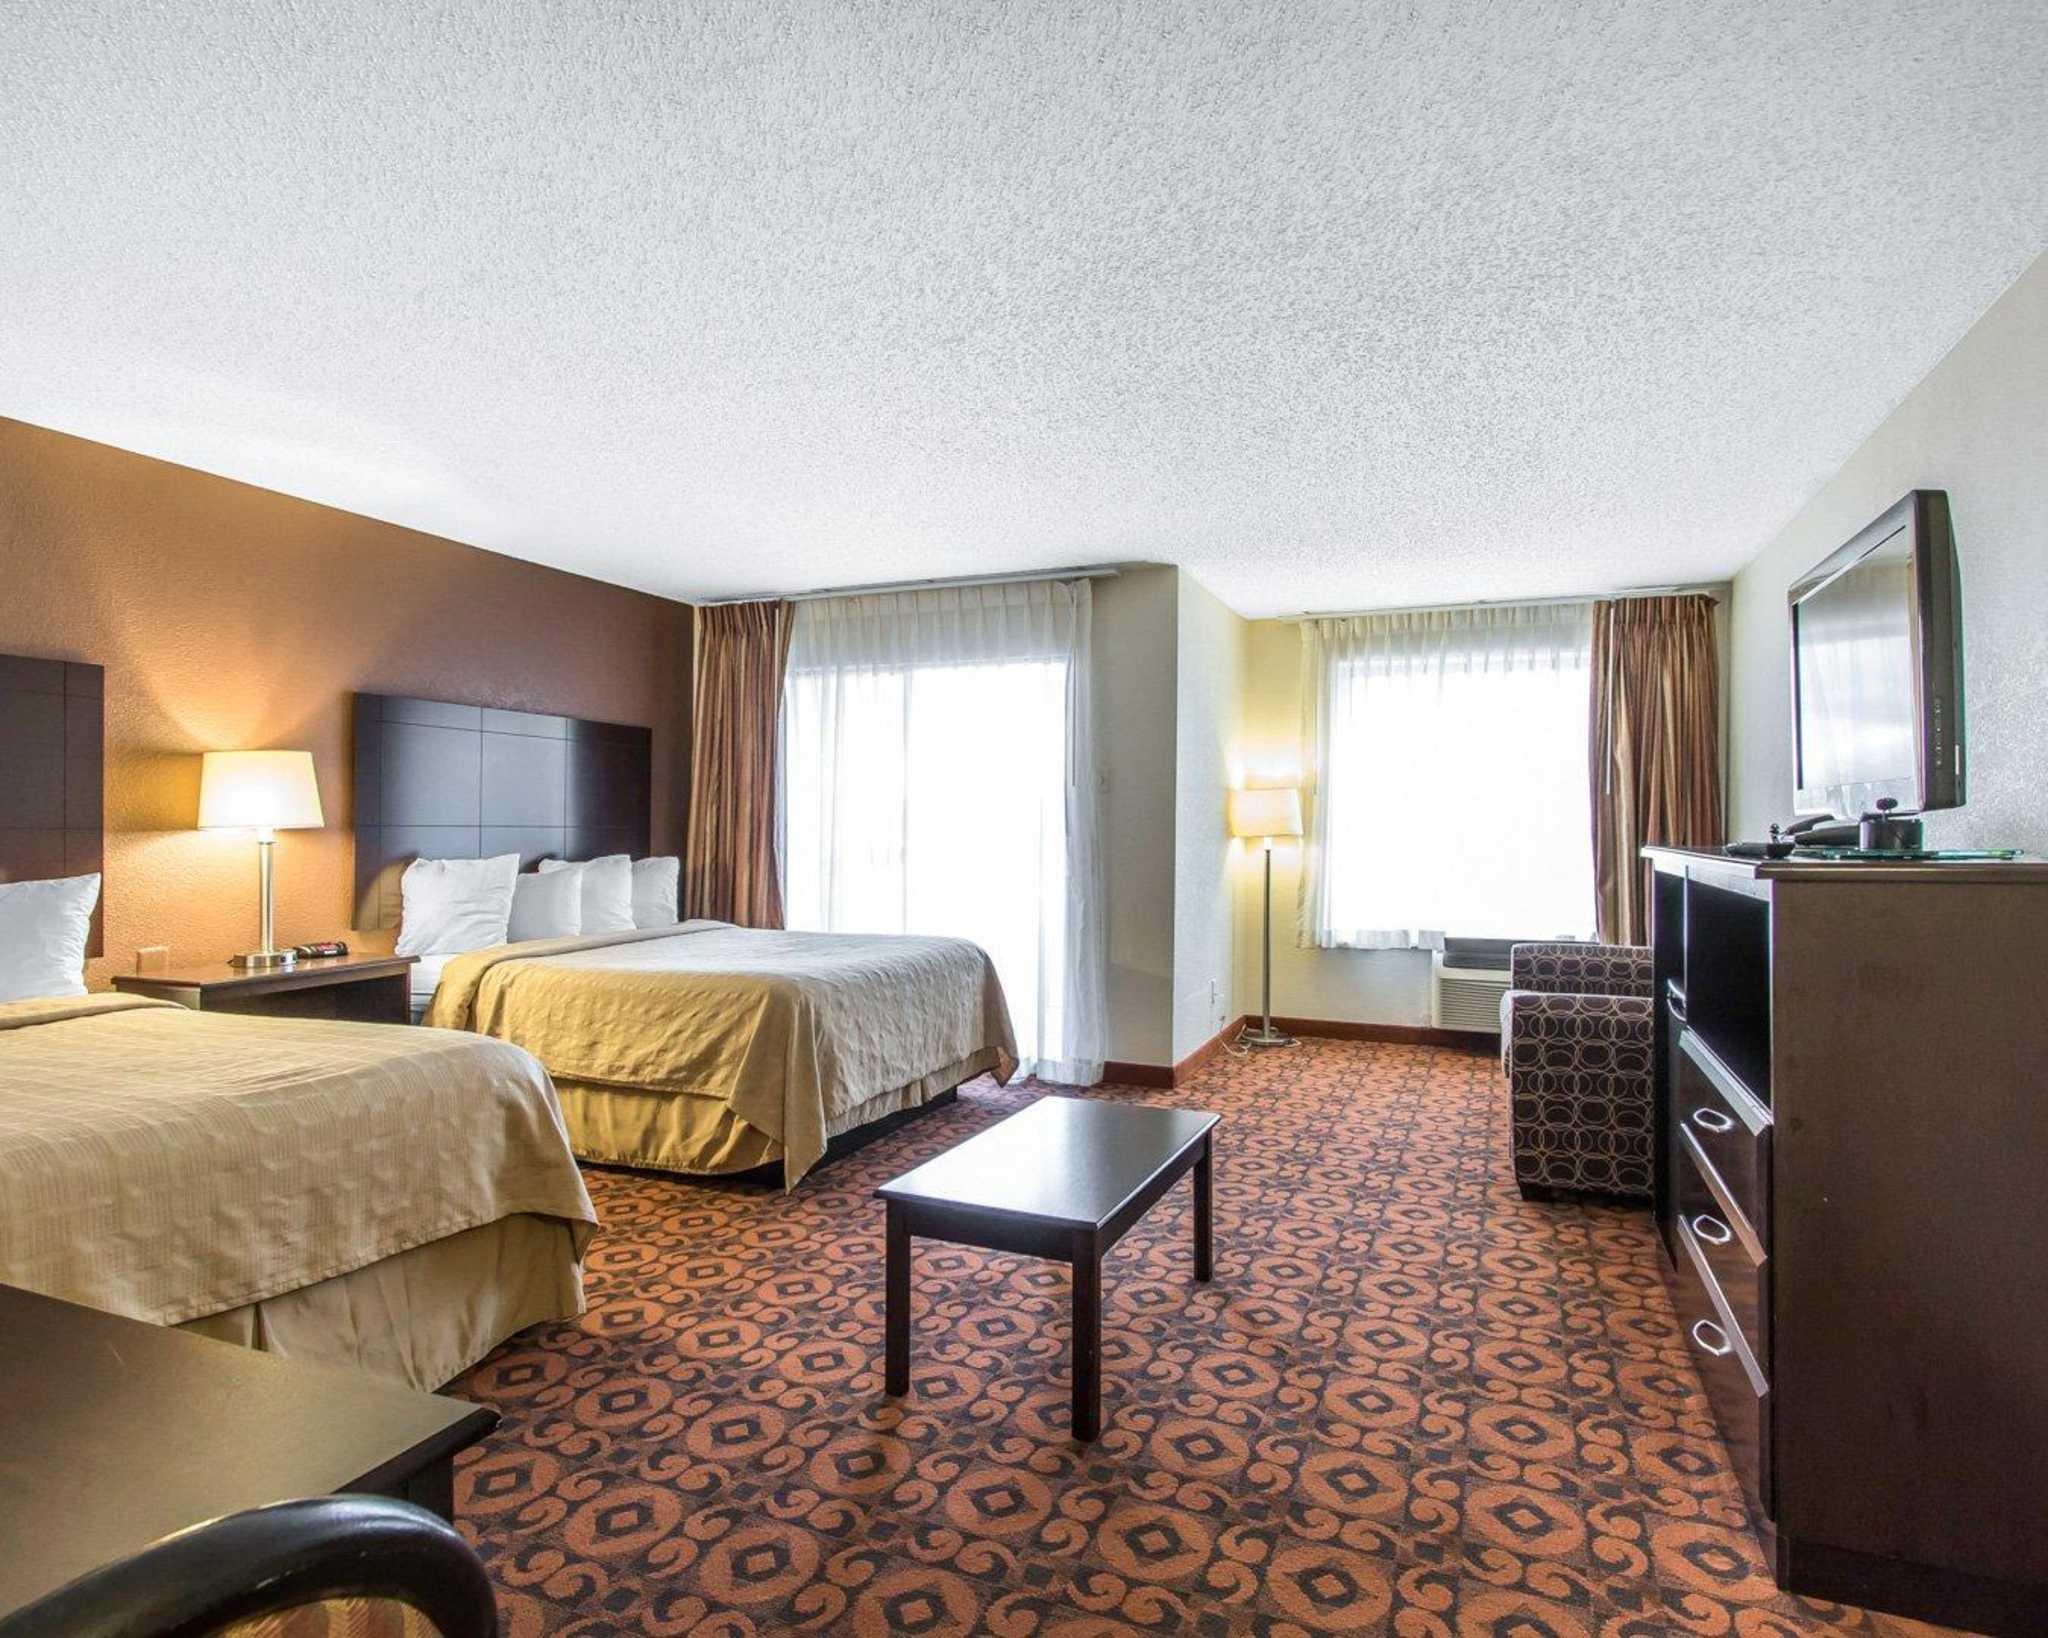 Quality Inn & Suites Fairgrounds West image 27